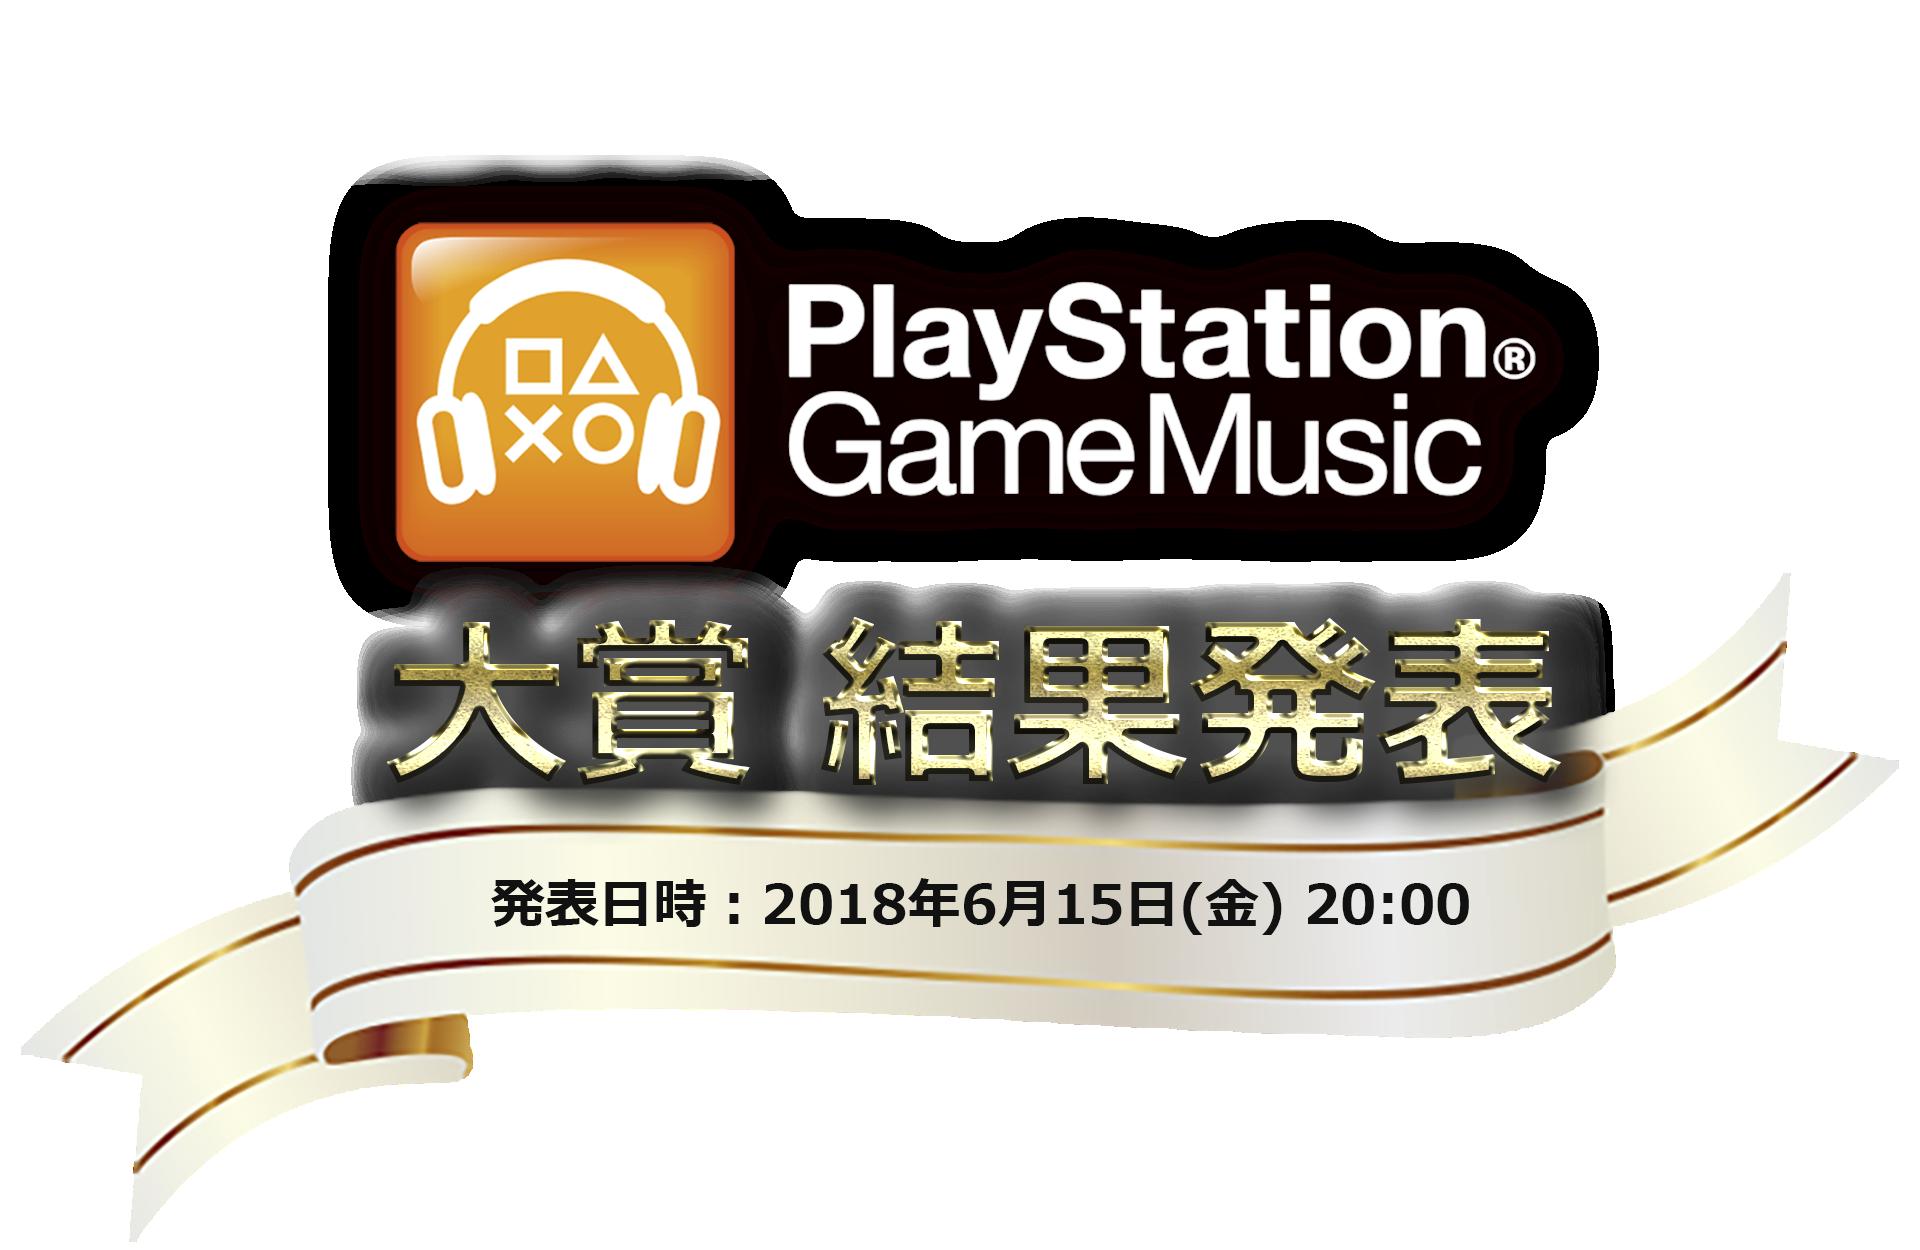 君の再生&コメントが大賞を決める! PlayStation Game Music大賞2018 結果発表